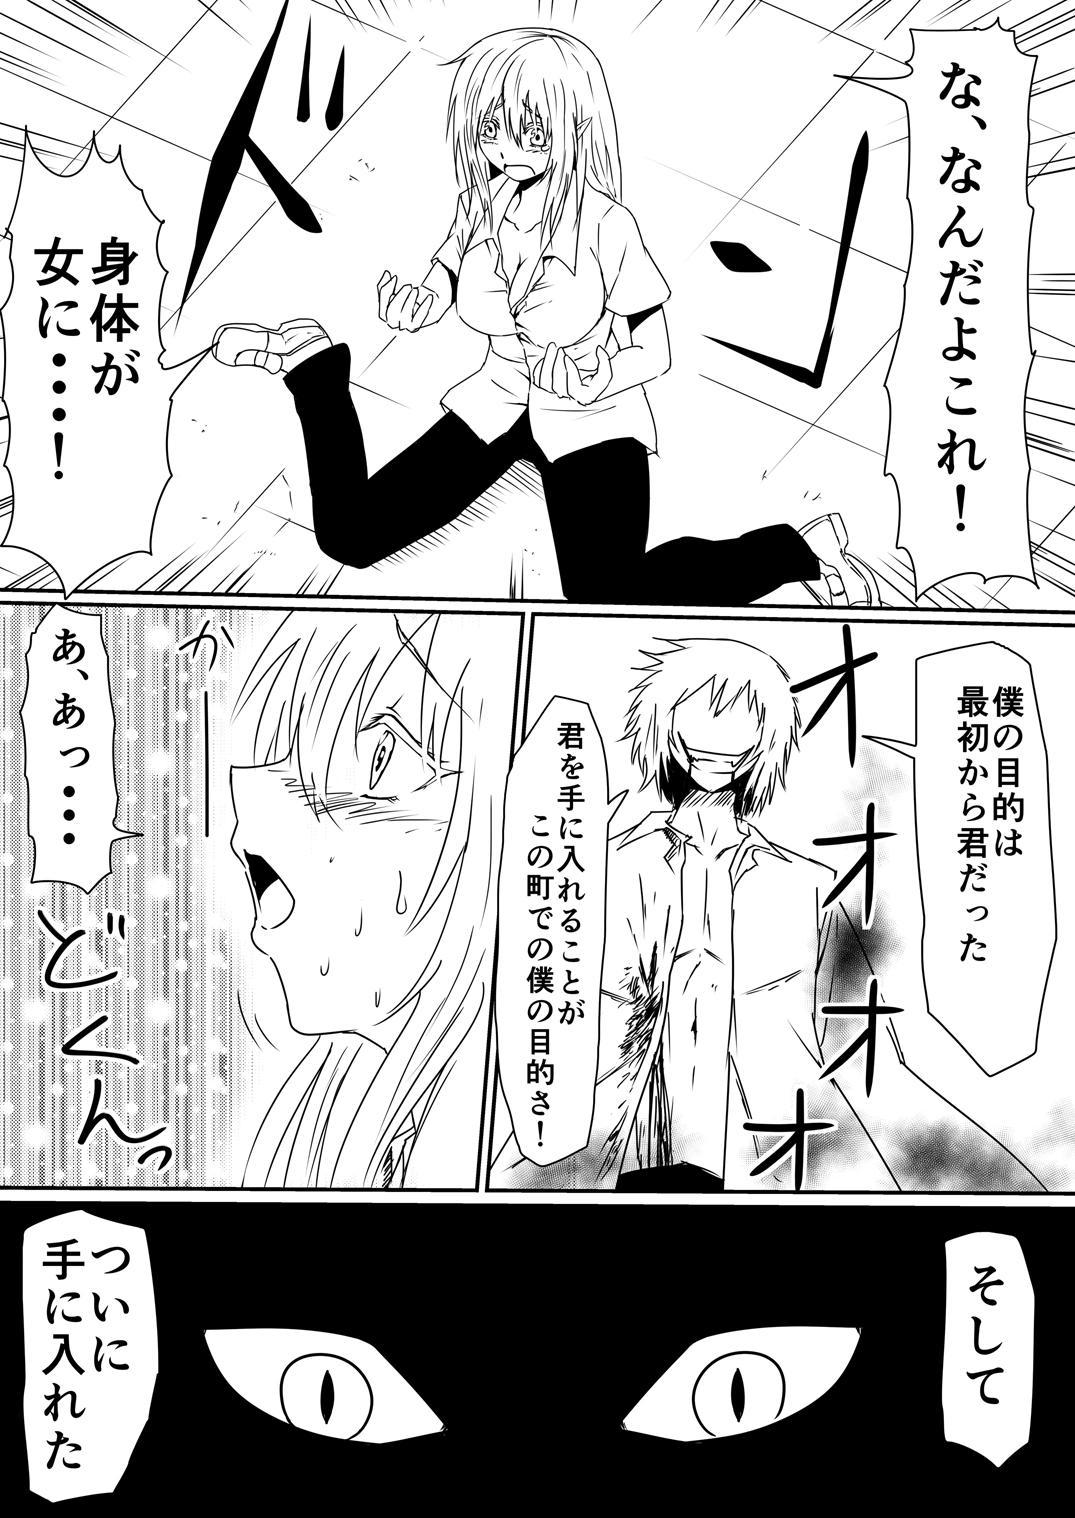 Mashou no Chinko o Motsu Shounen Kouhen 64